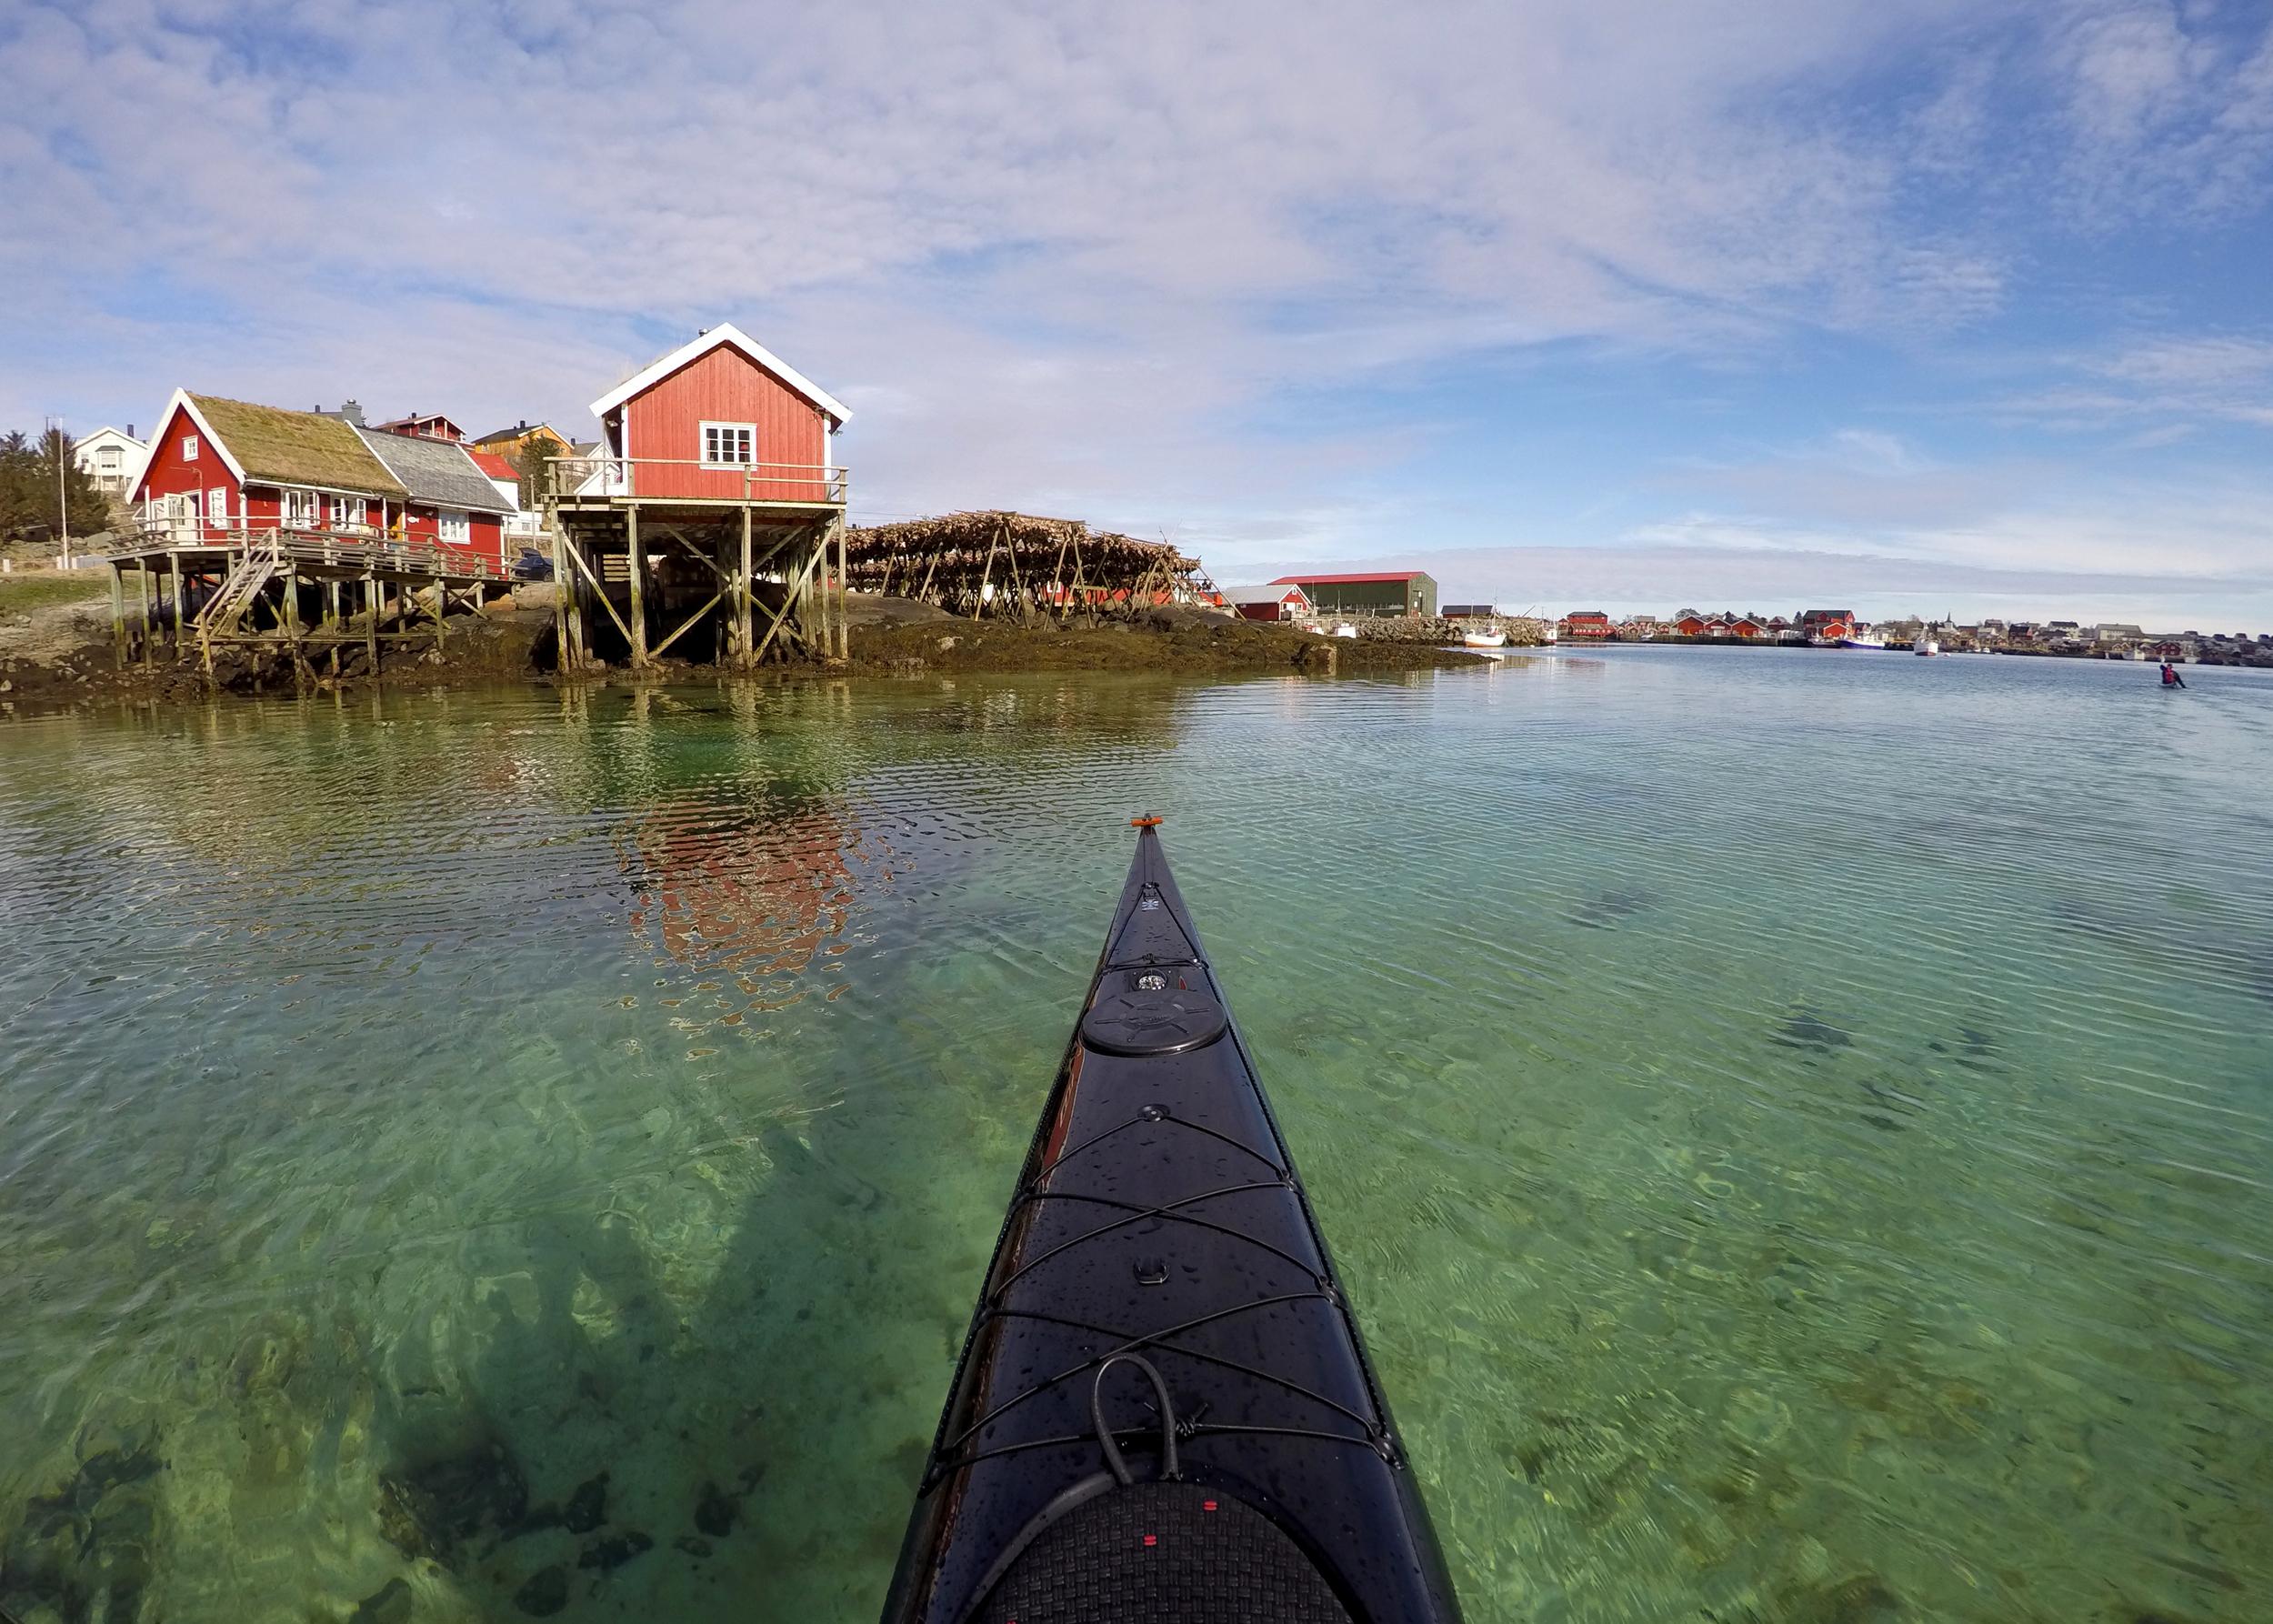 Arriving in Reine. Lofoten islands, Norway